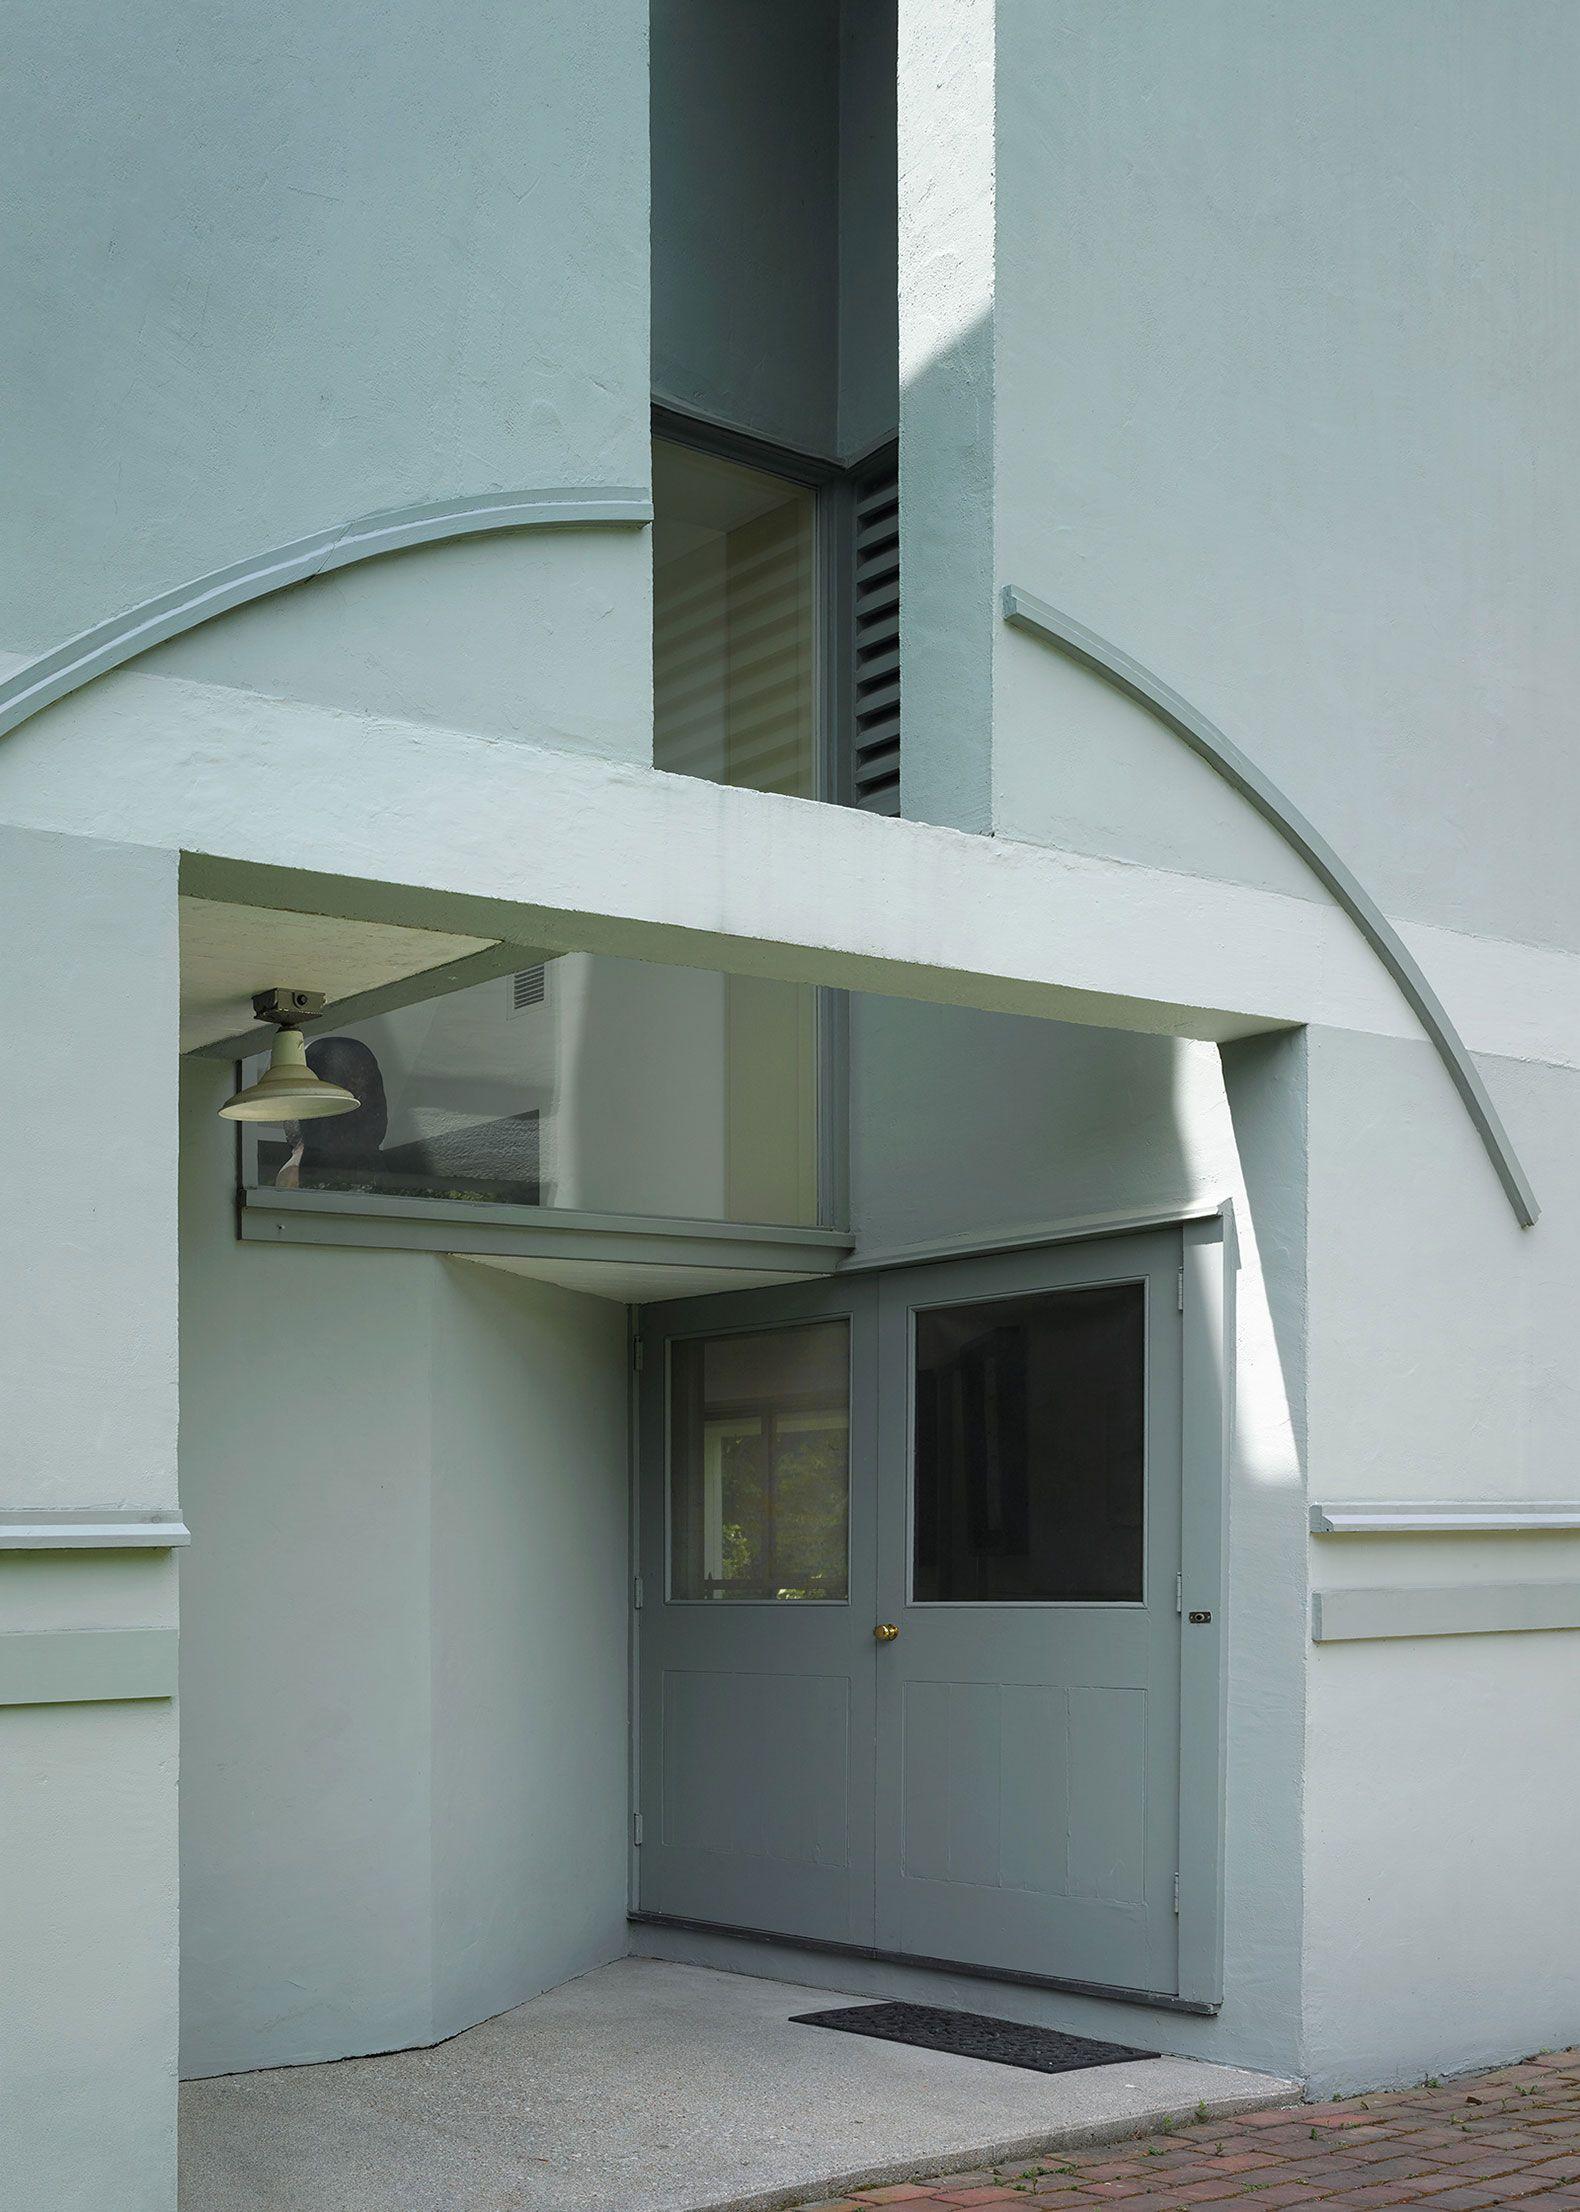 Bas Princen. Image and Architecture en el Vitra Design ... on